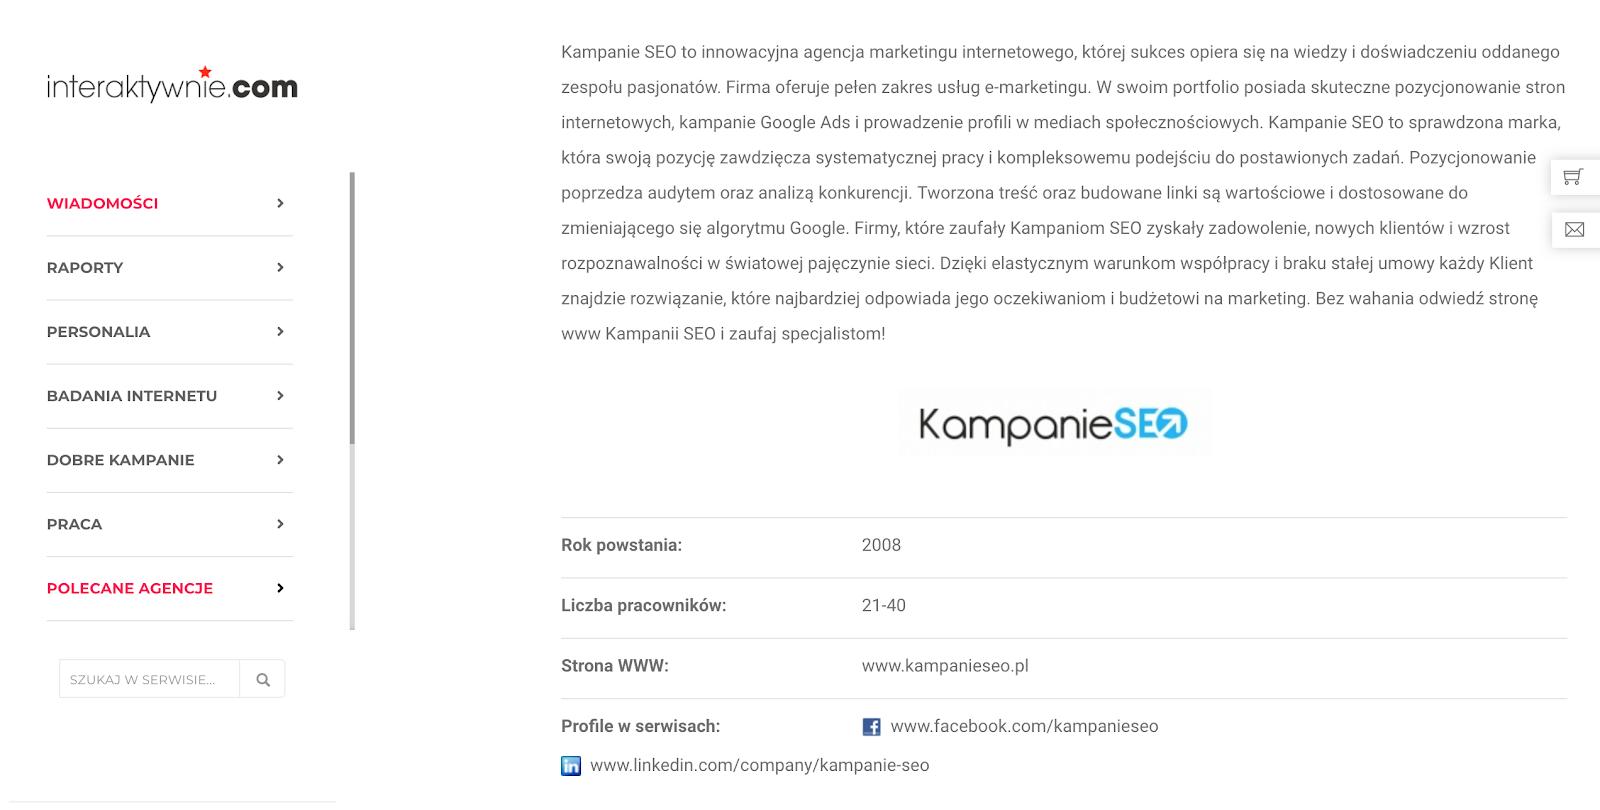 wpis do katalogu interaktywnie.com firmy KS